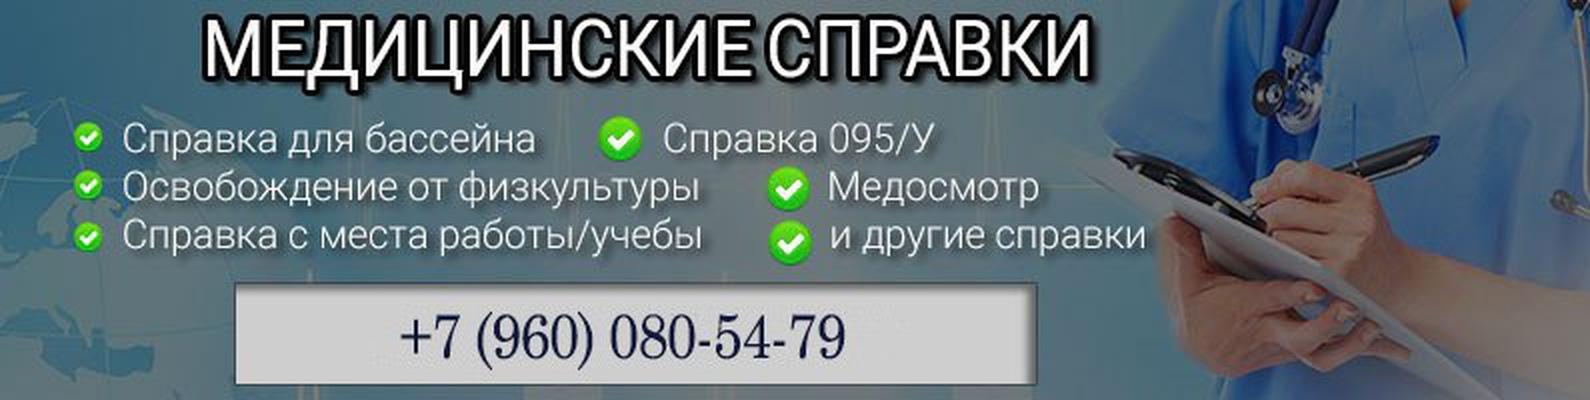 Купить больничный лист в Волоколамске задним числом недорого